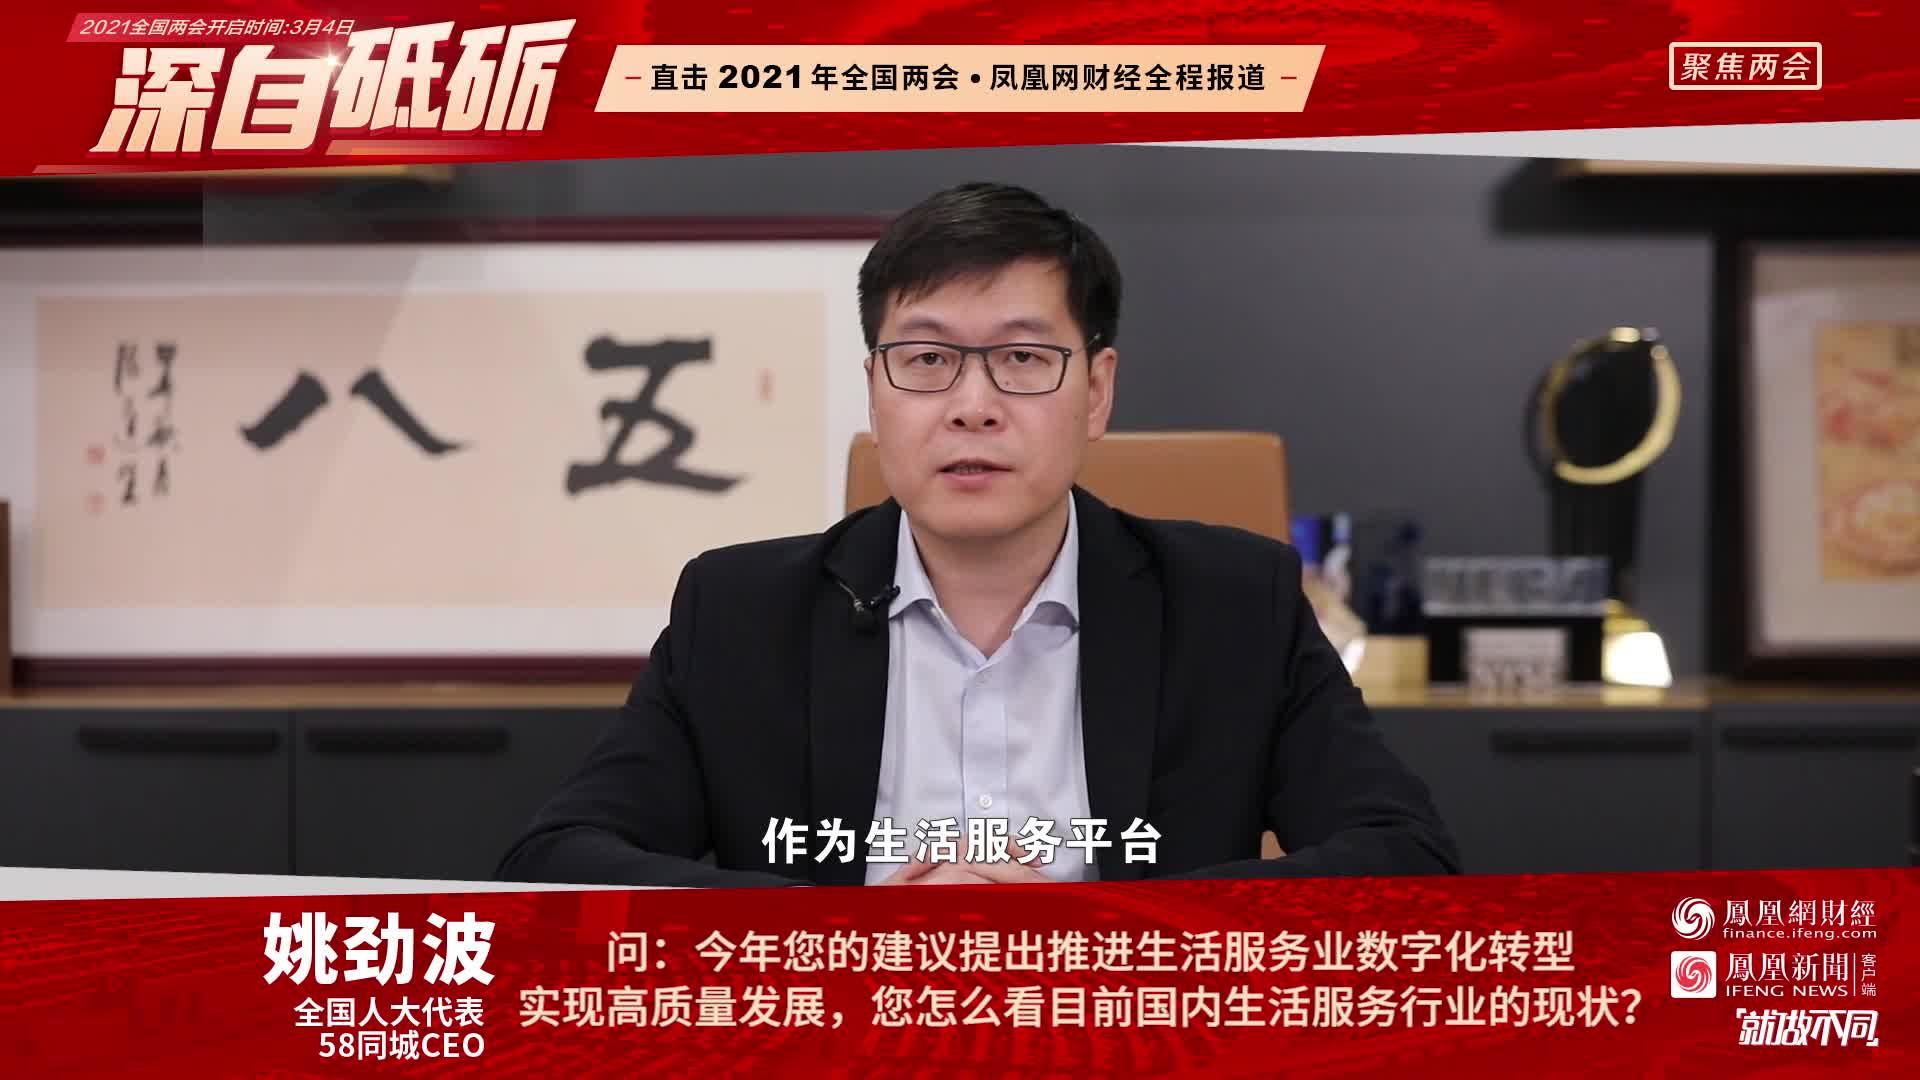 聚焦两会|58同城CEO姚劲波答记者问:建议推进生活服务业数字化转型